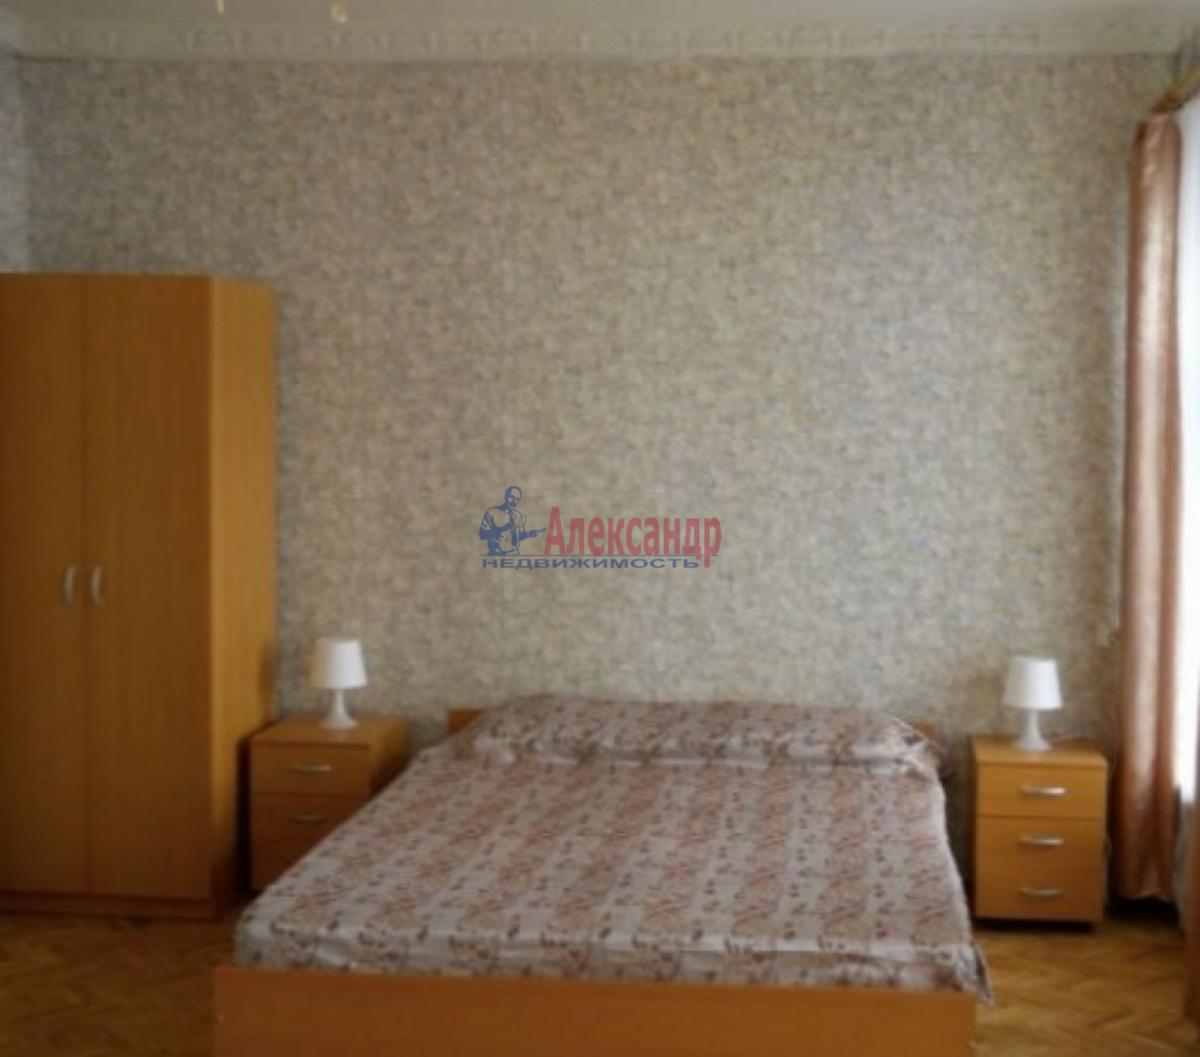 1-комнатная квартира (28м2) в аренду по адресу Подковырова ул., 24— фото 2 из 3